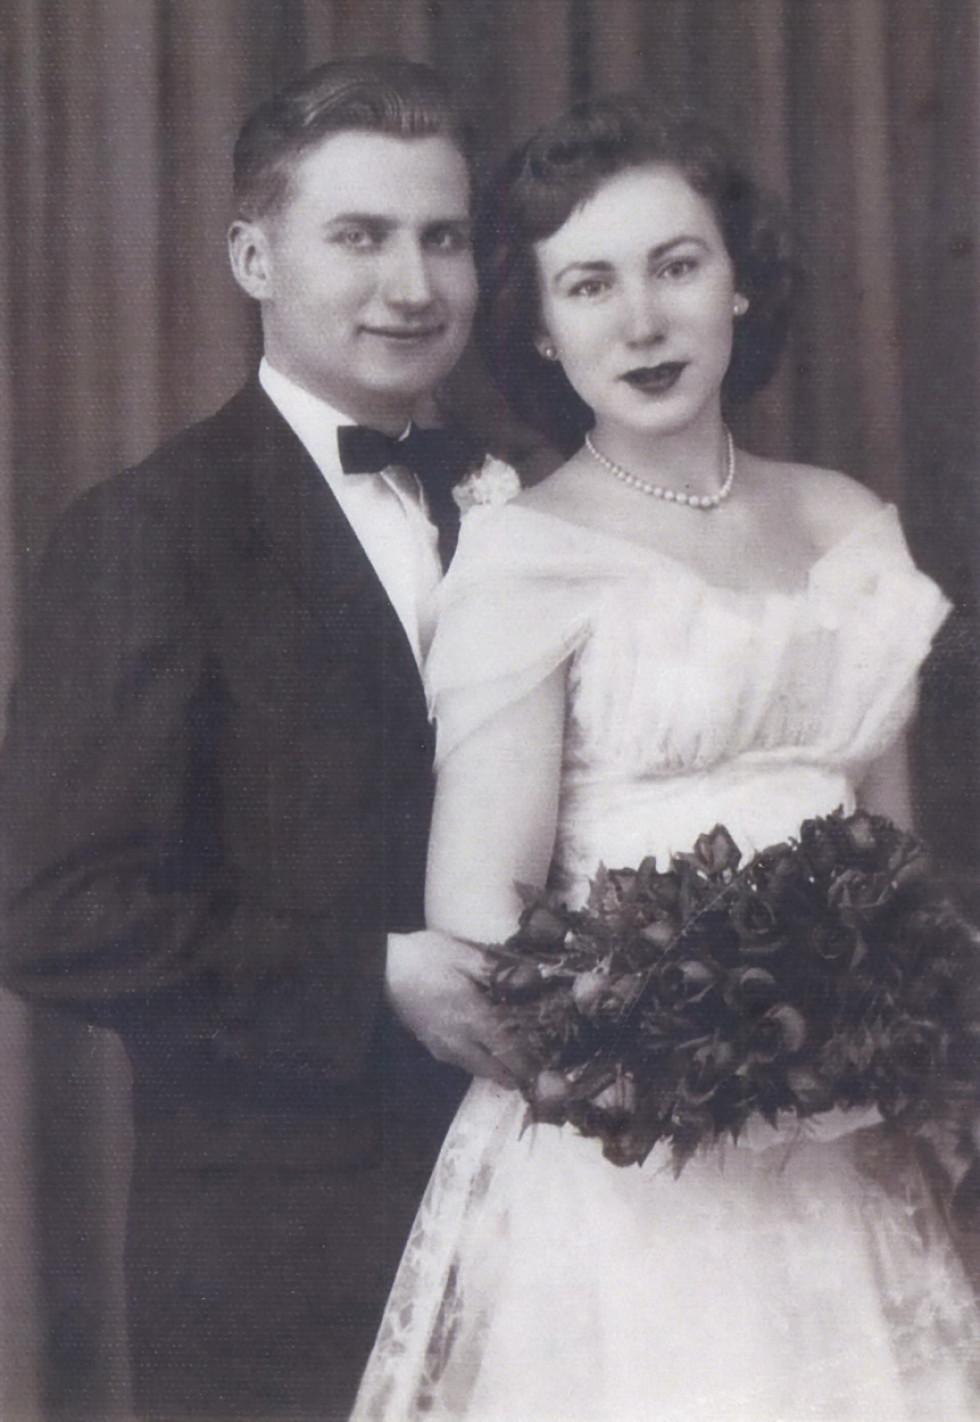 Герець Михайло з дружиною Аллою. Весільне фото